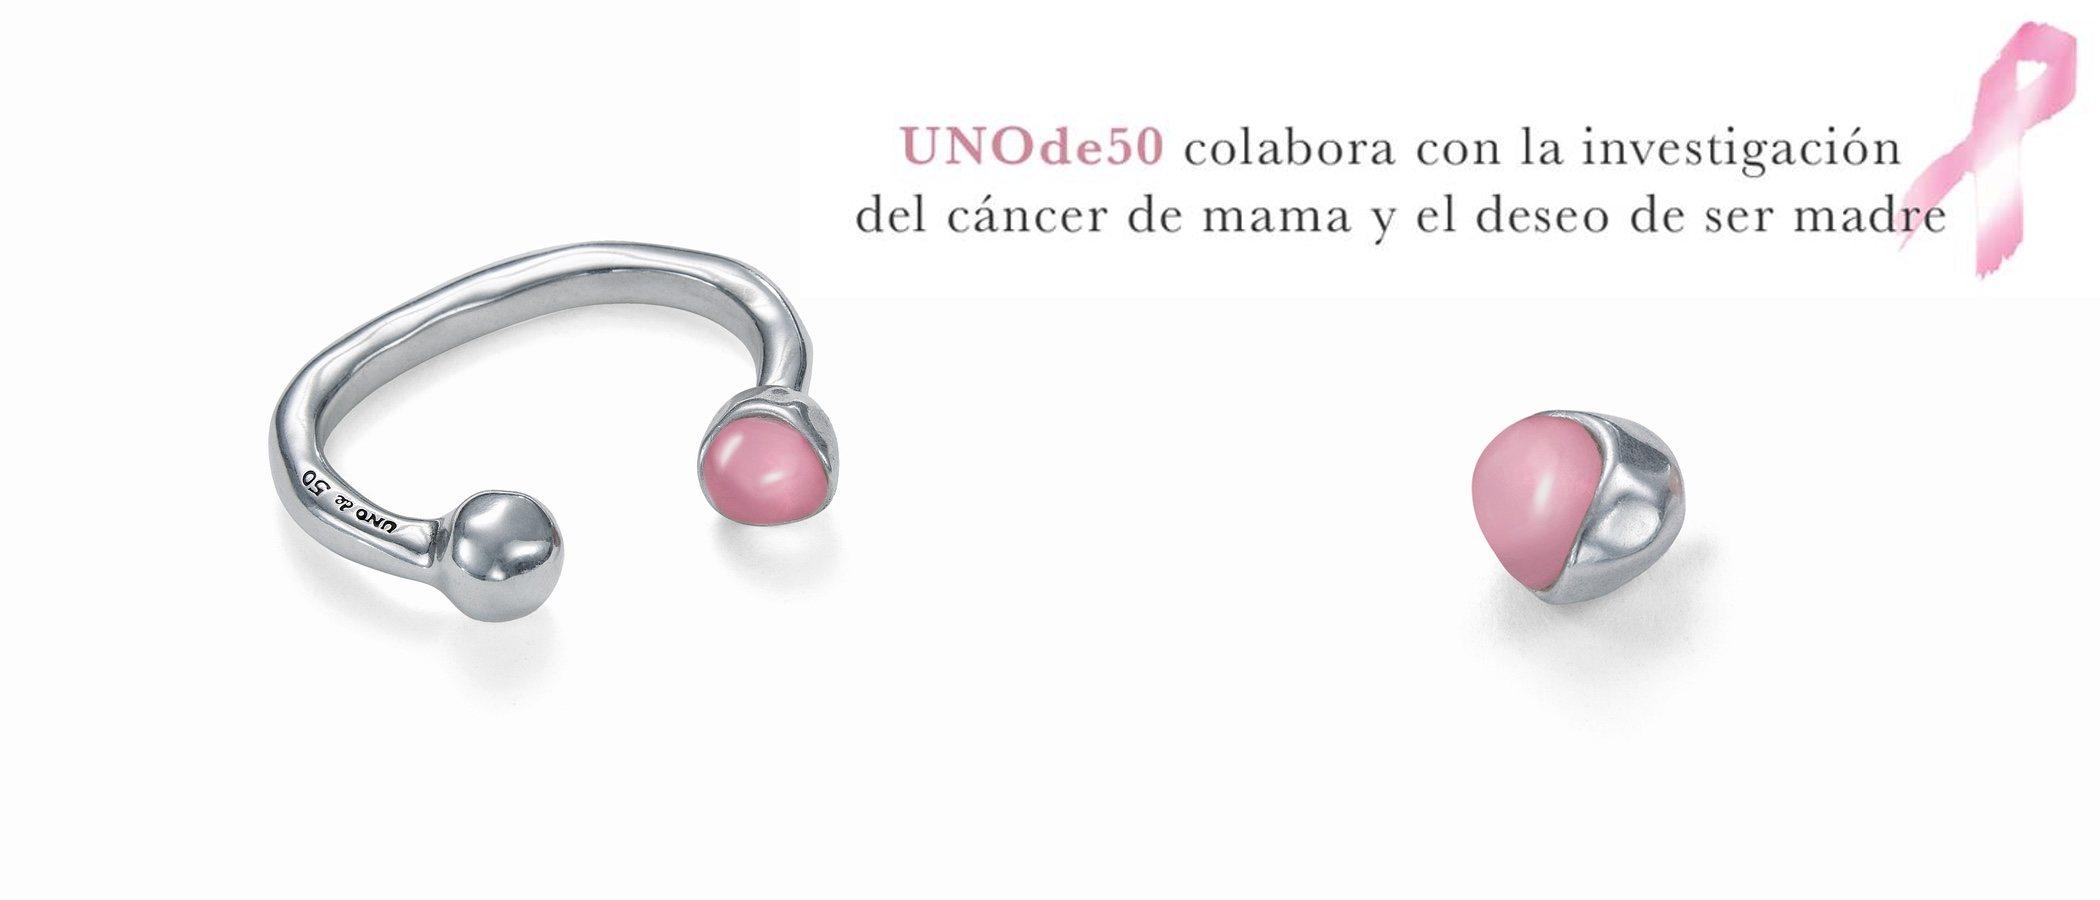 UNOde50 diseña una pulsera para apoyar a la investigación contra el cáncer de mama